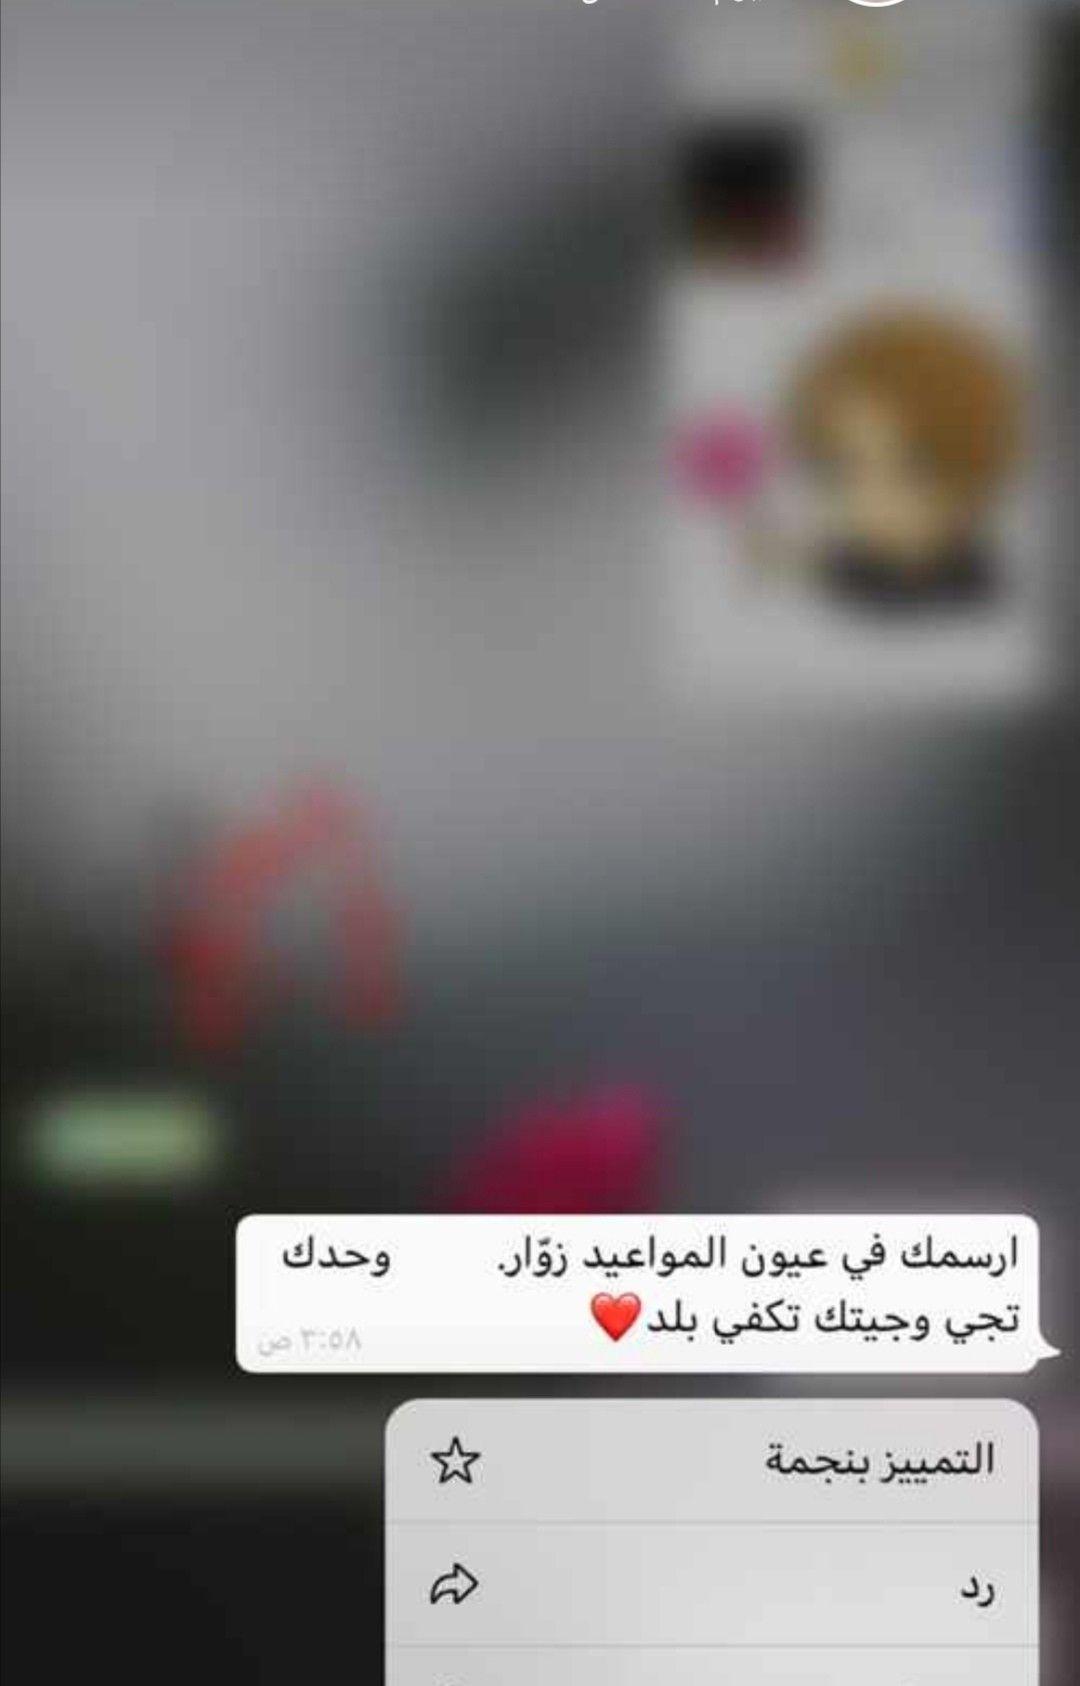 ايلافيوو🥺 ️👭 in 2020 call screenshot